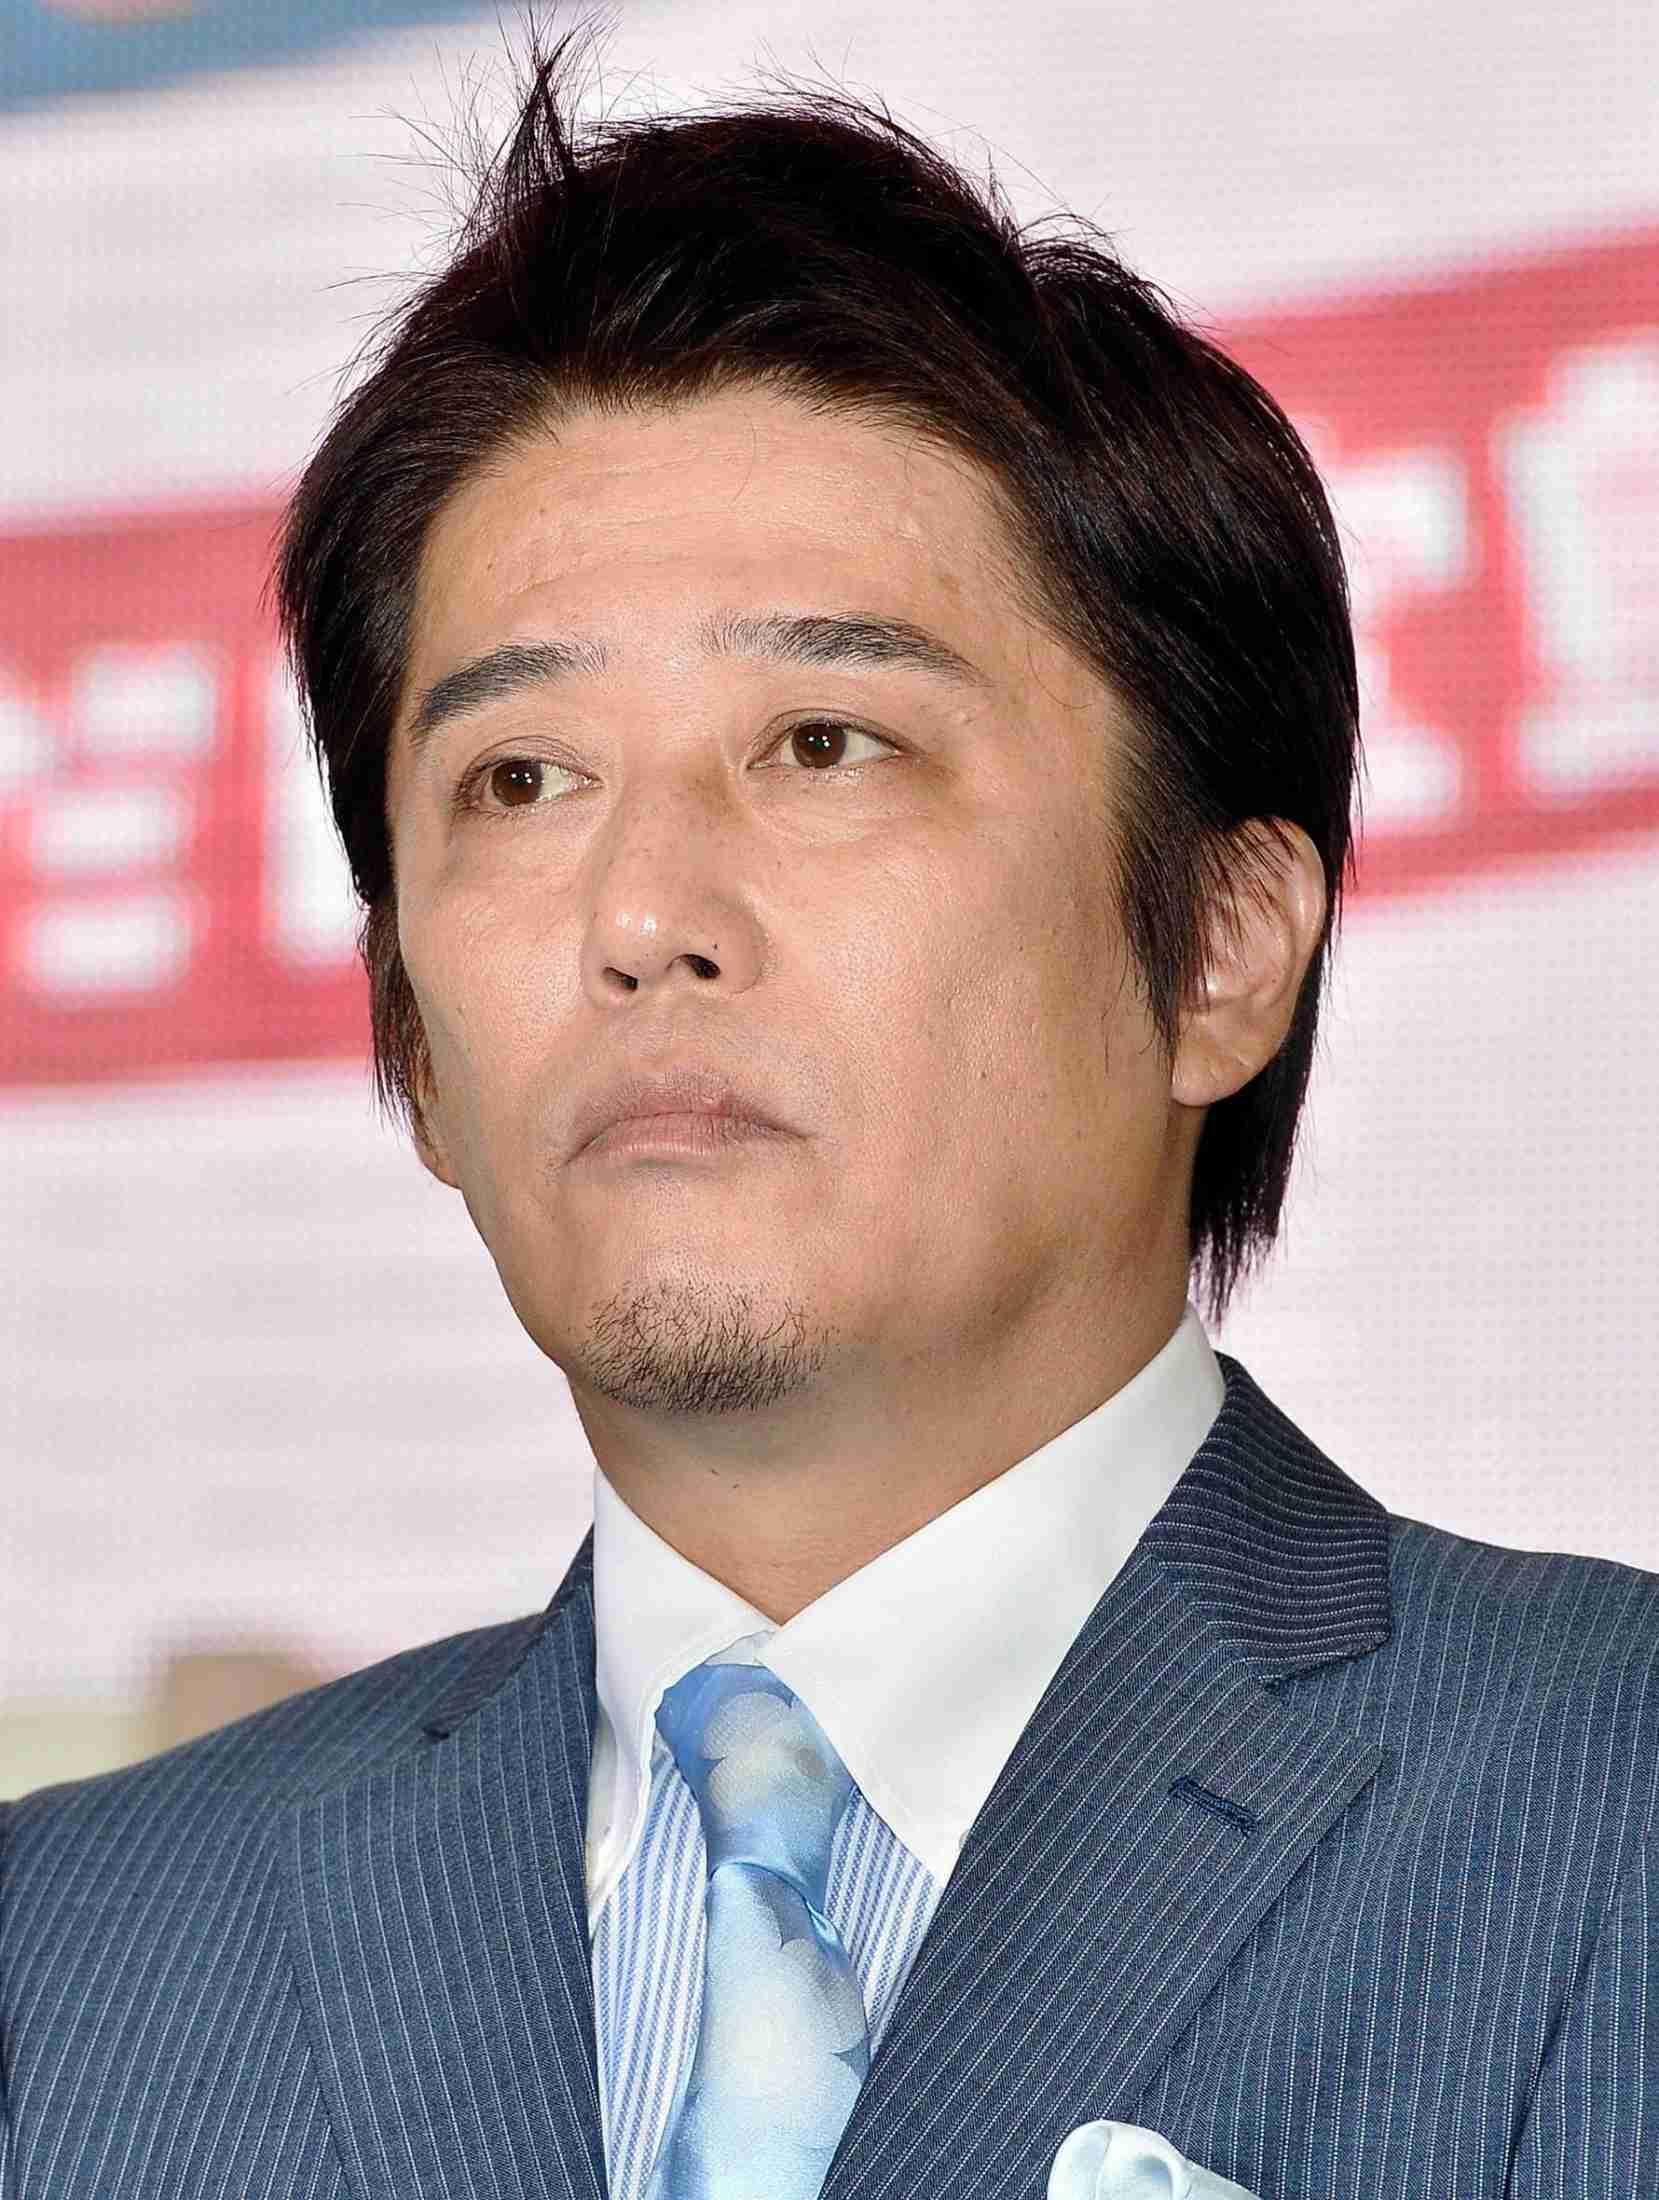 坂上忍 尿検査認めた高島礼子の勇気称賛 「トップ女優の方が囲み会見で」 (デイリースポーツ) - Yahoo!ニュース